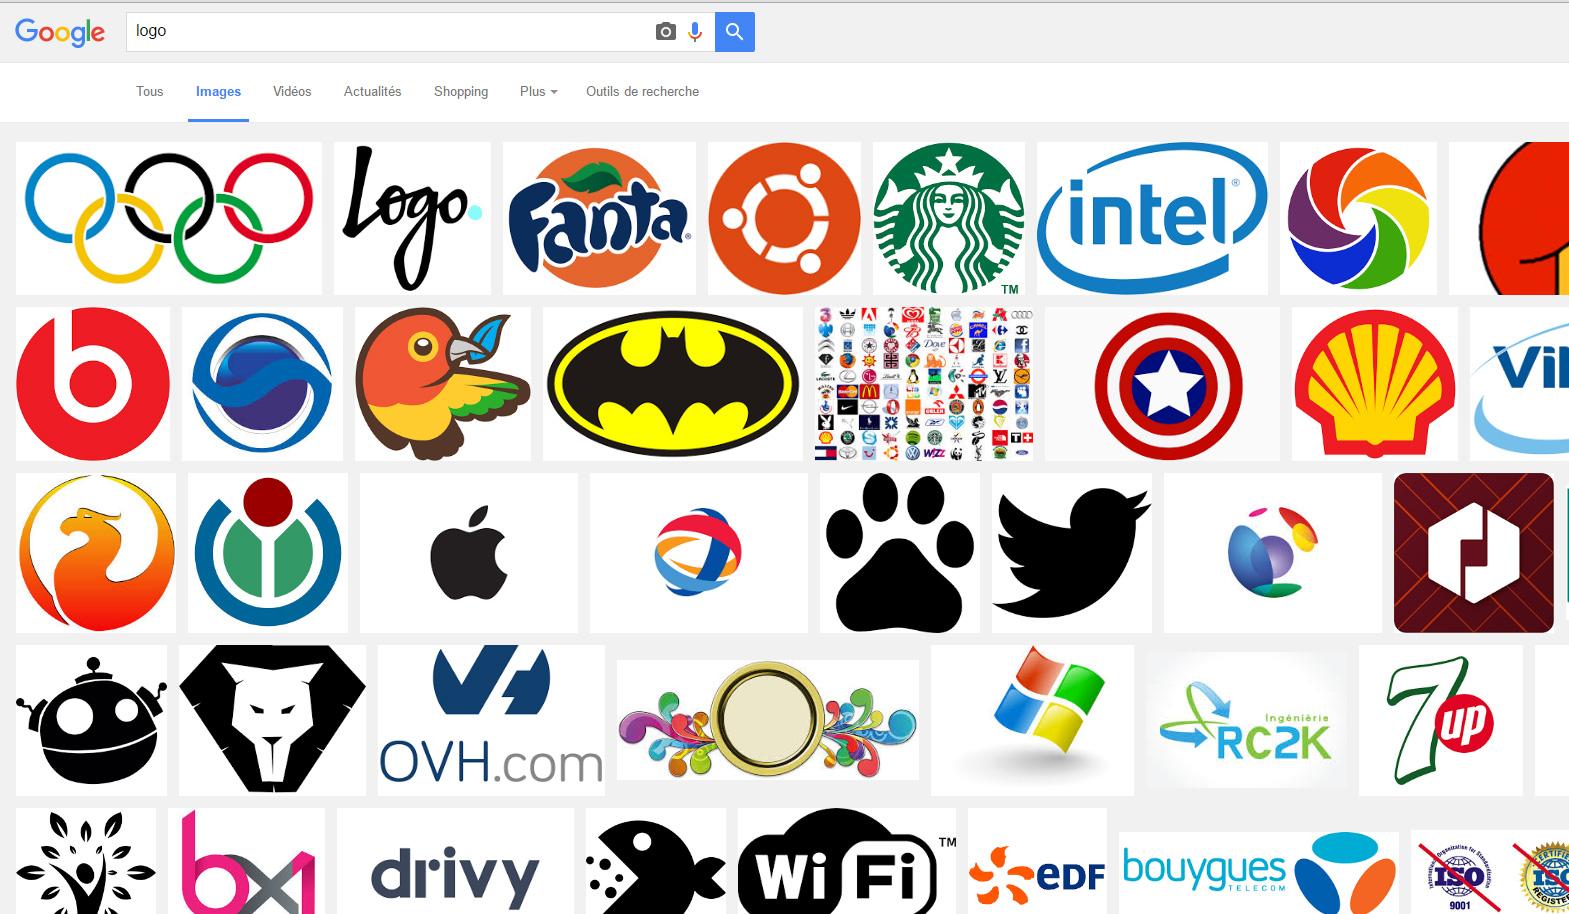 google devra aussi payer pour vous montrer des emojis logos photos de chats politique. Black Bedroom Furniture Sets. Home Design Ideas